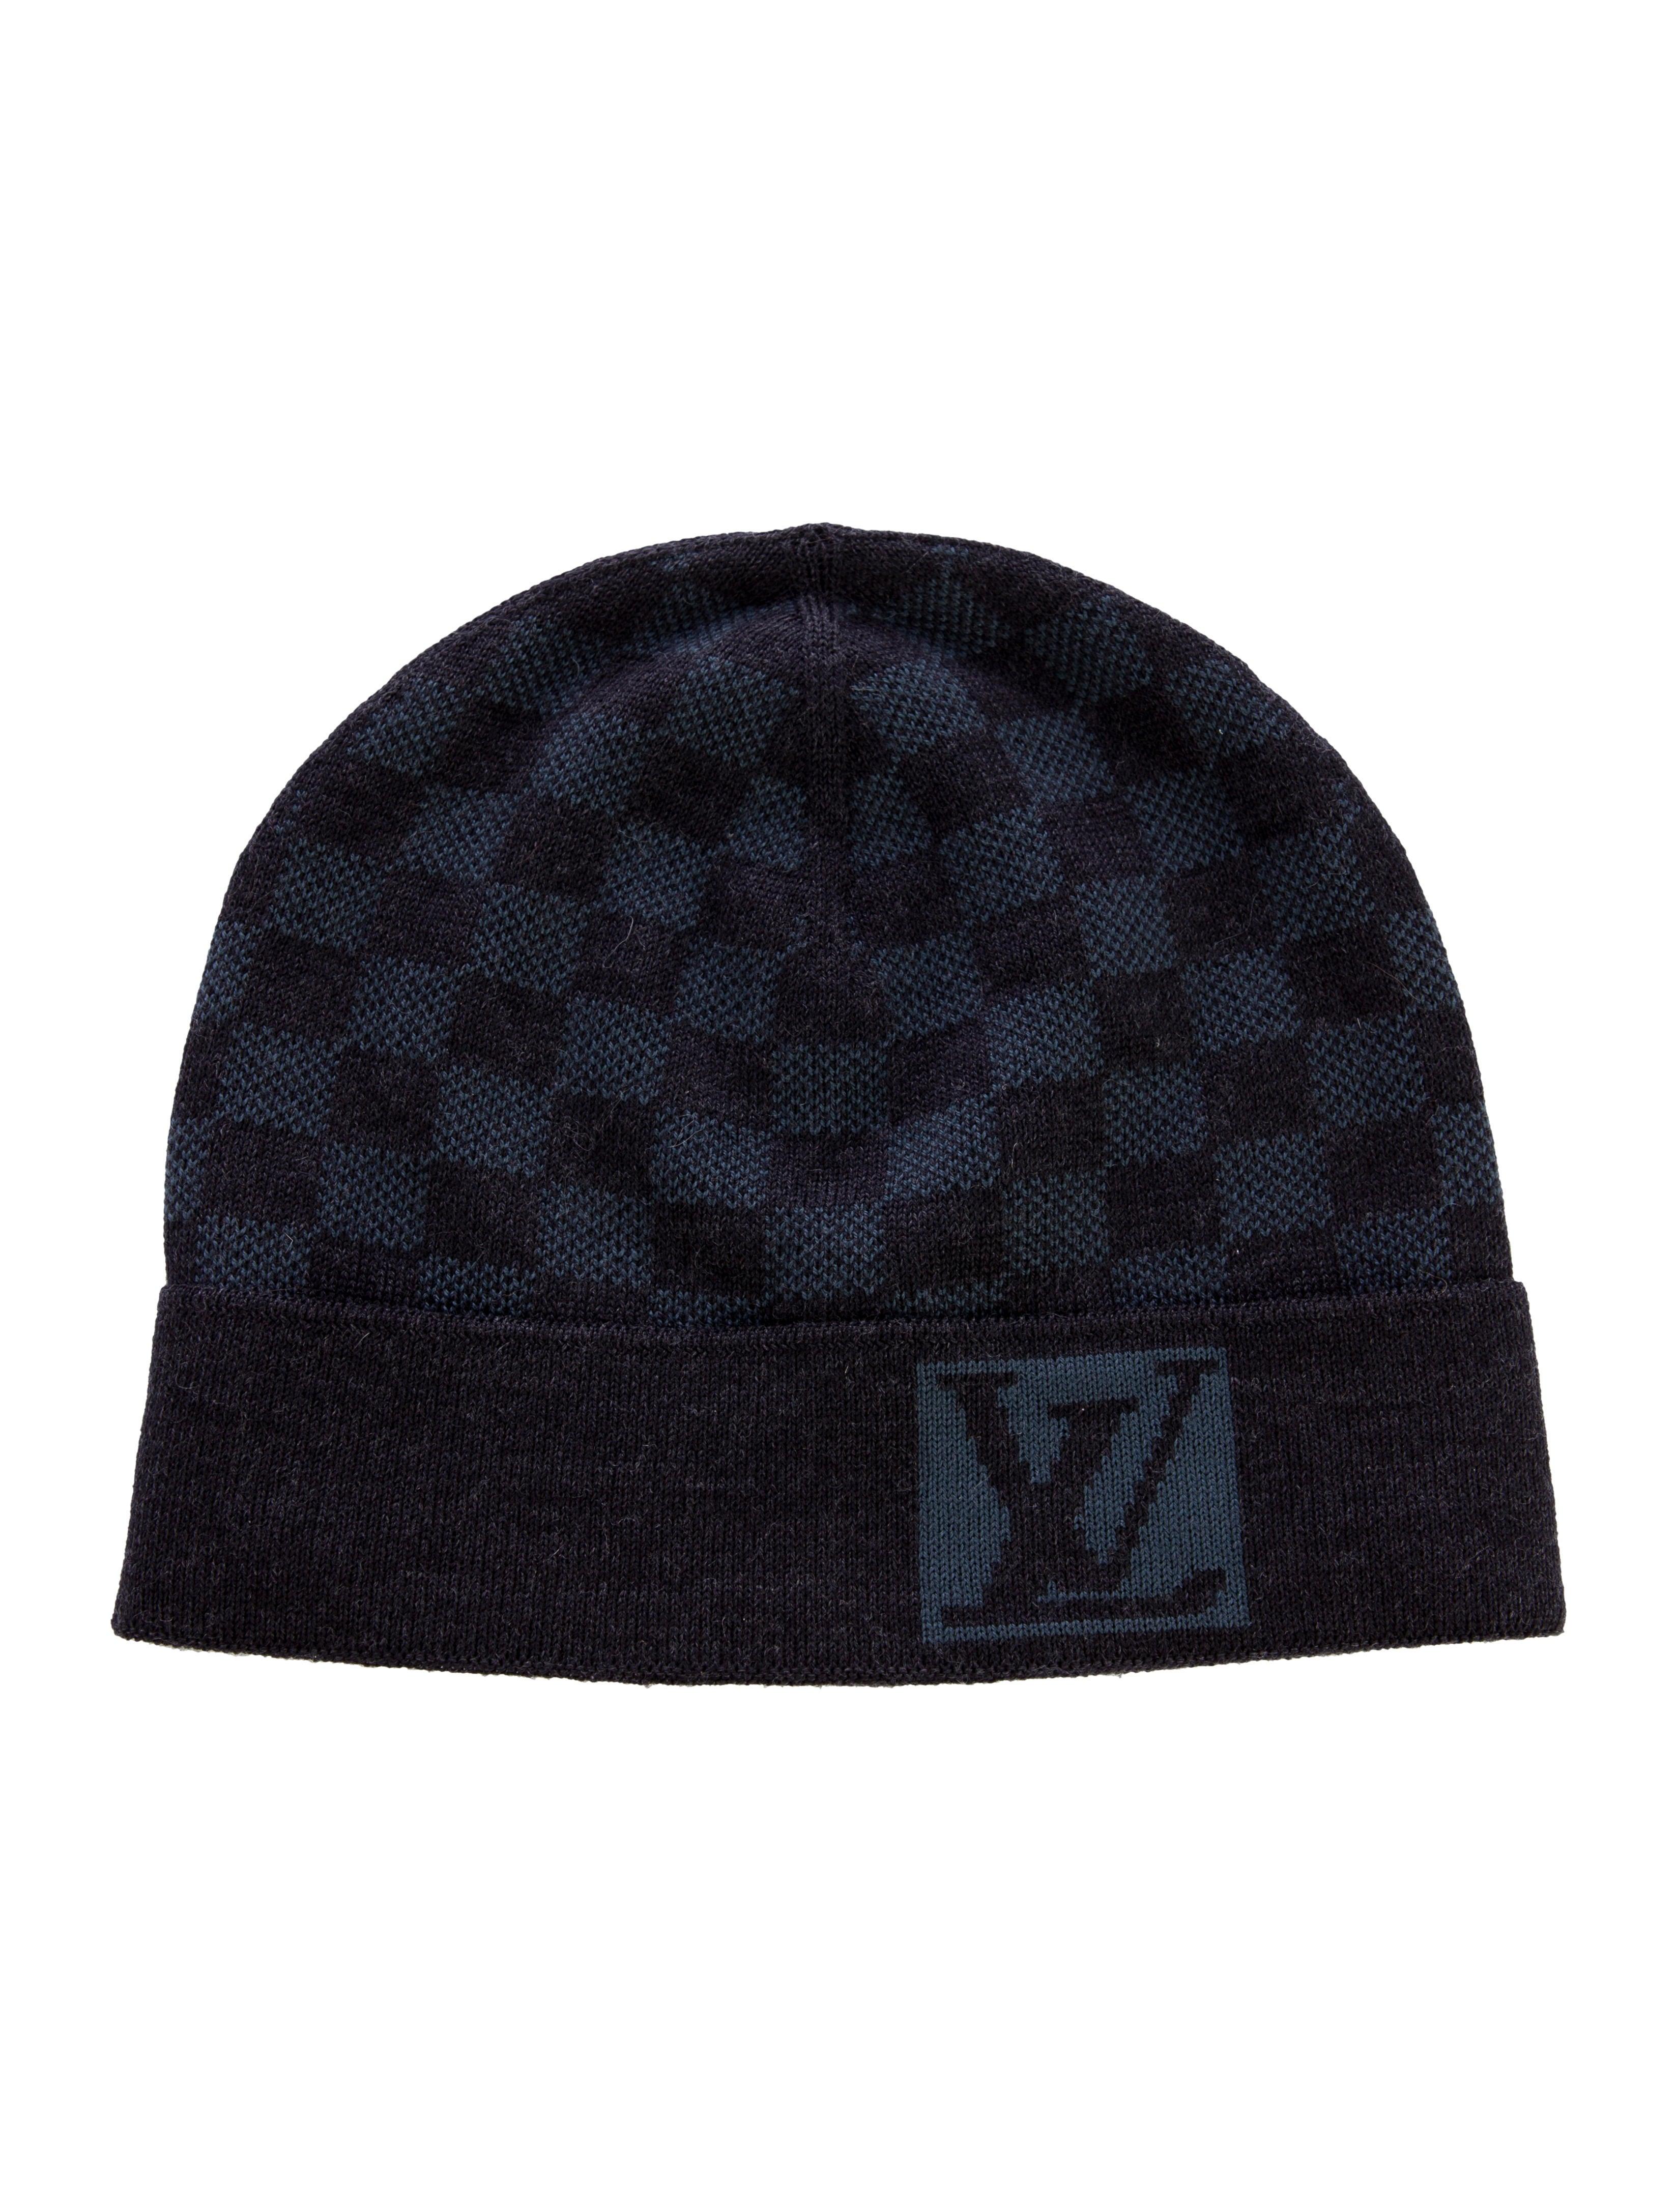 Louis Vuitton Petit Damier Hat - Accessories - LOU104272  b86cf19f6df